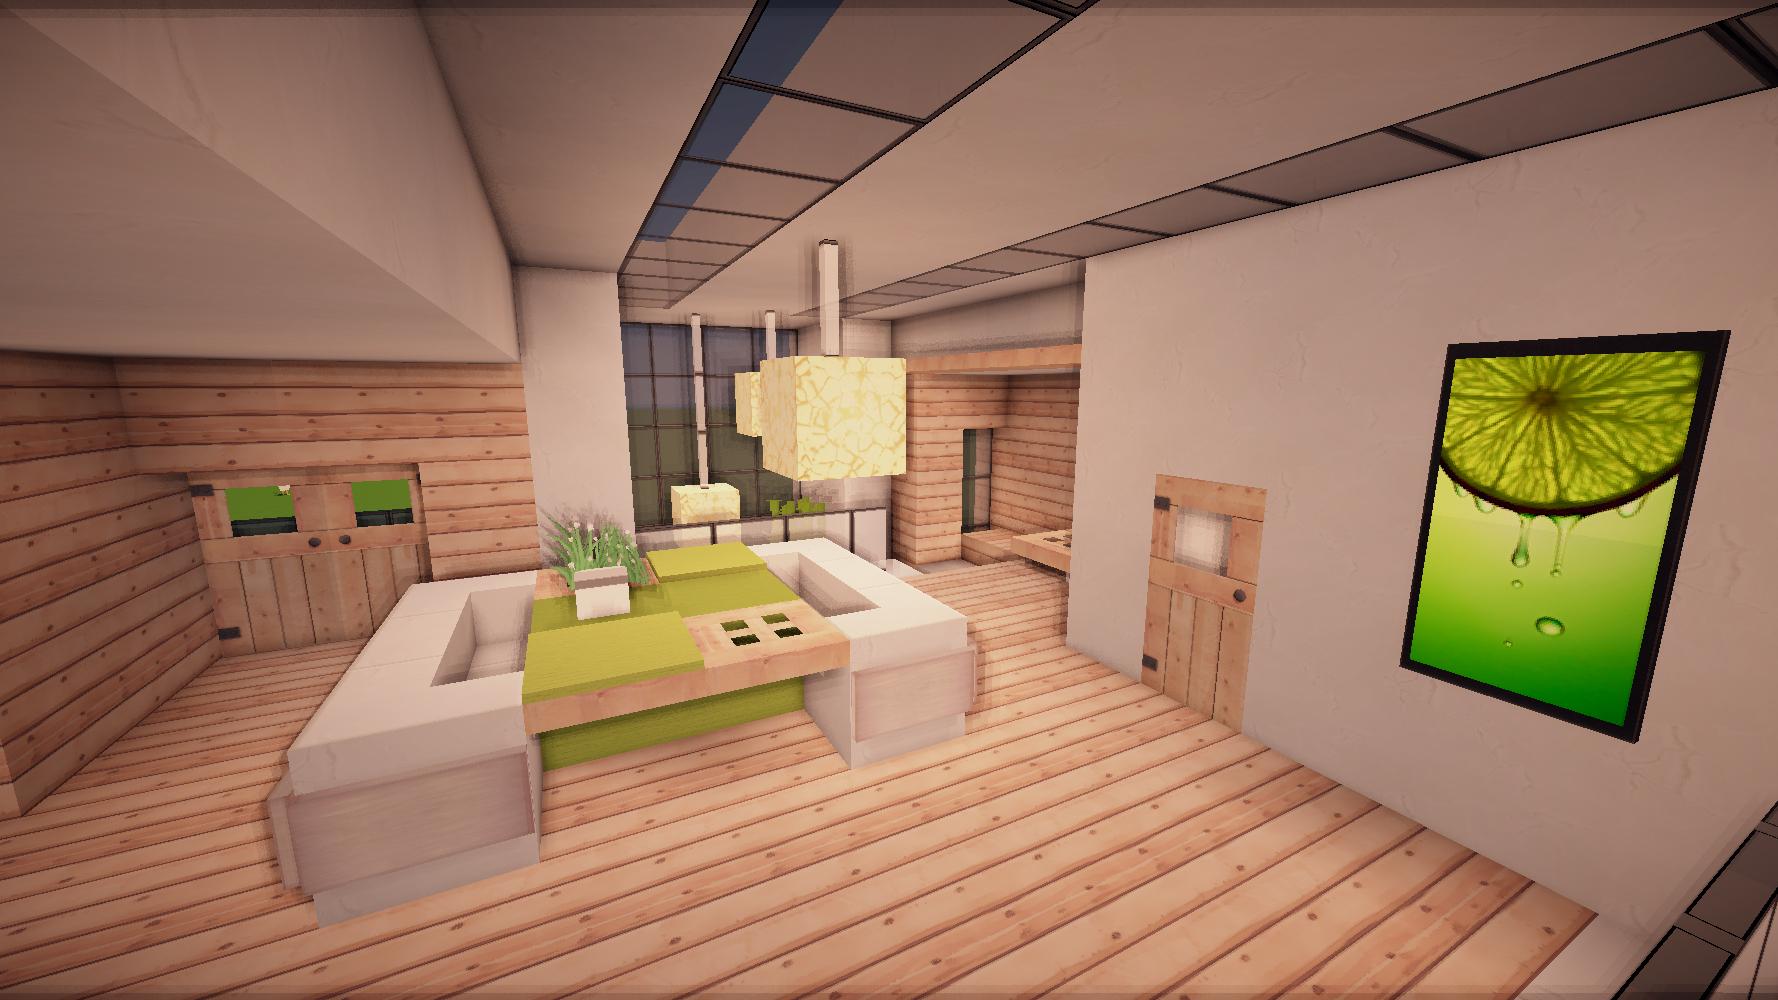 Haus Einrichten Spiele   Download Hauseinrichtungen Ideen Indoo Haus ...